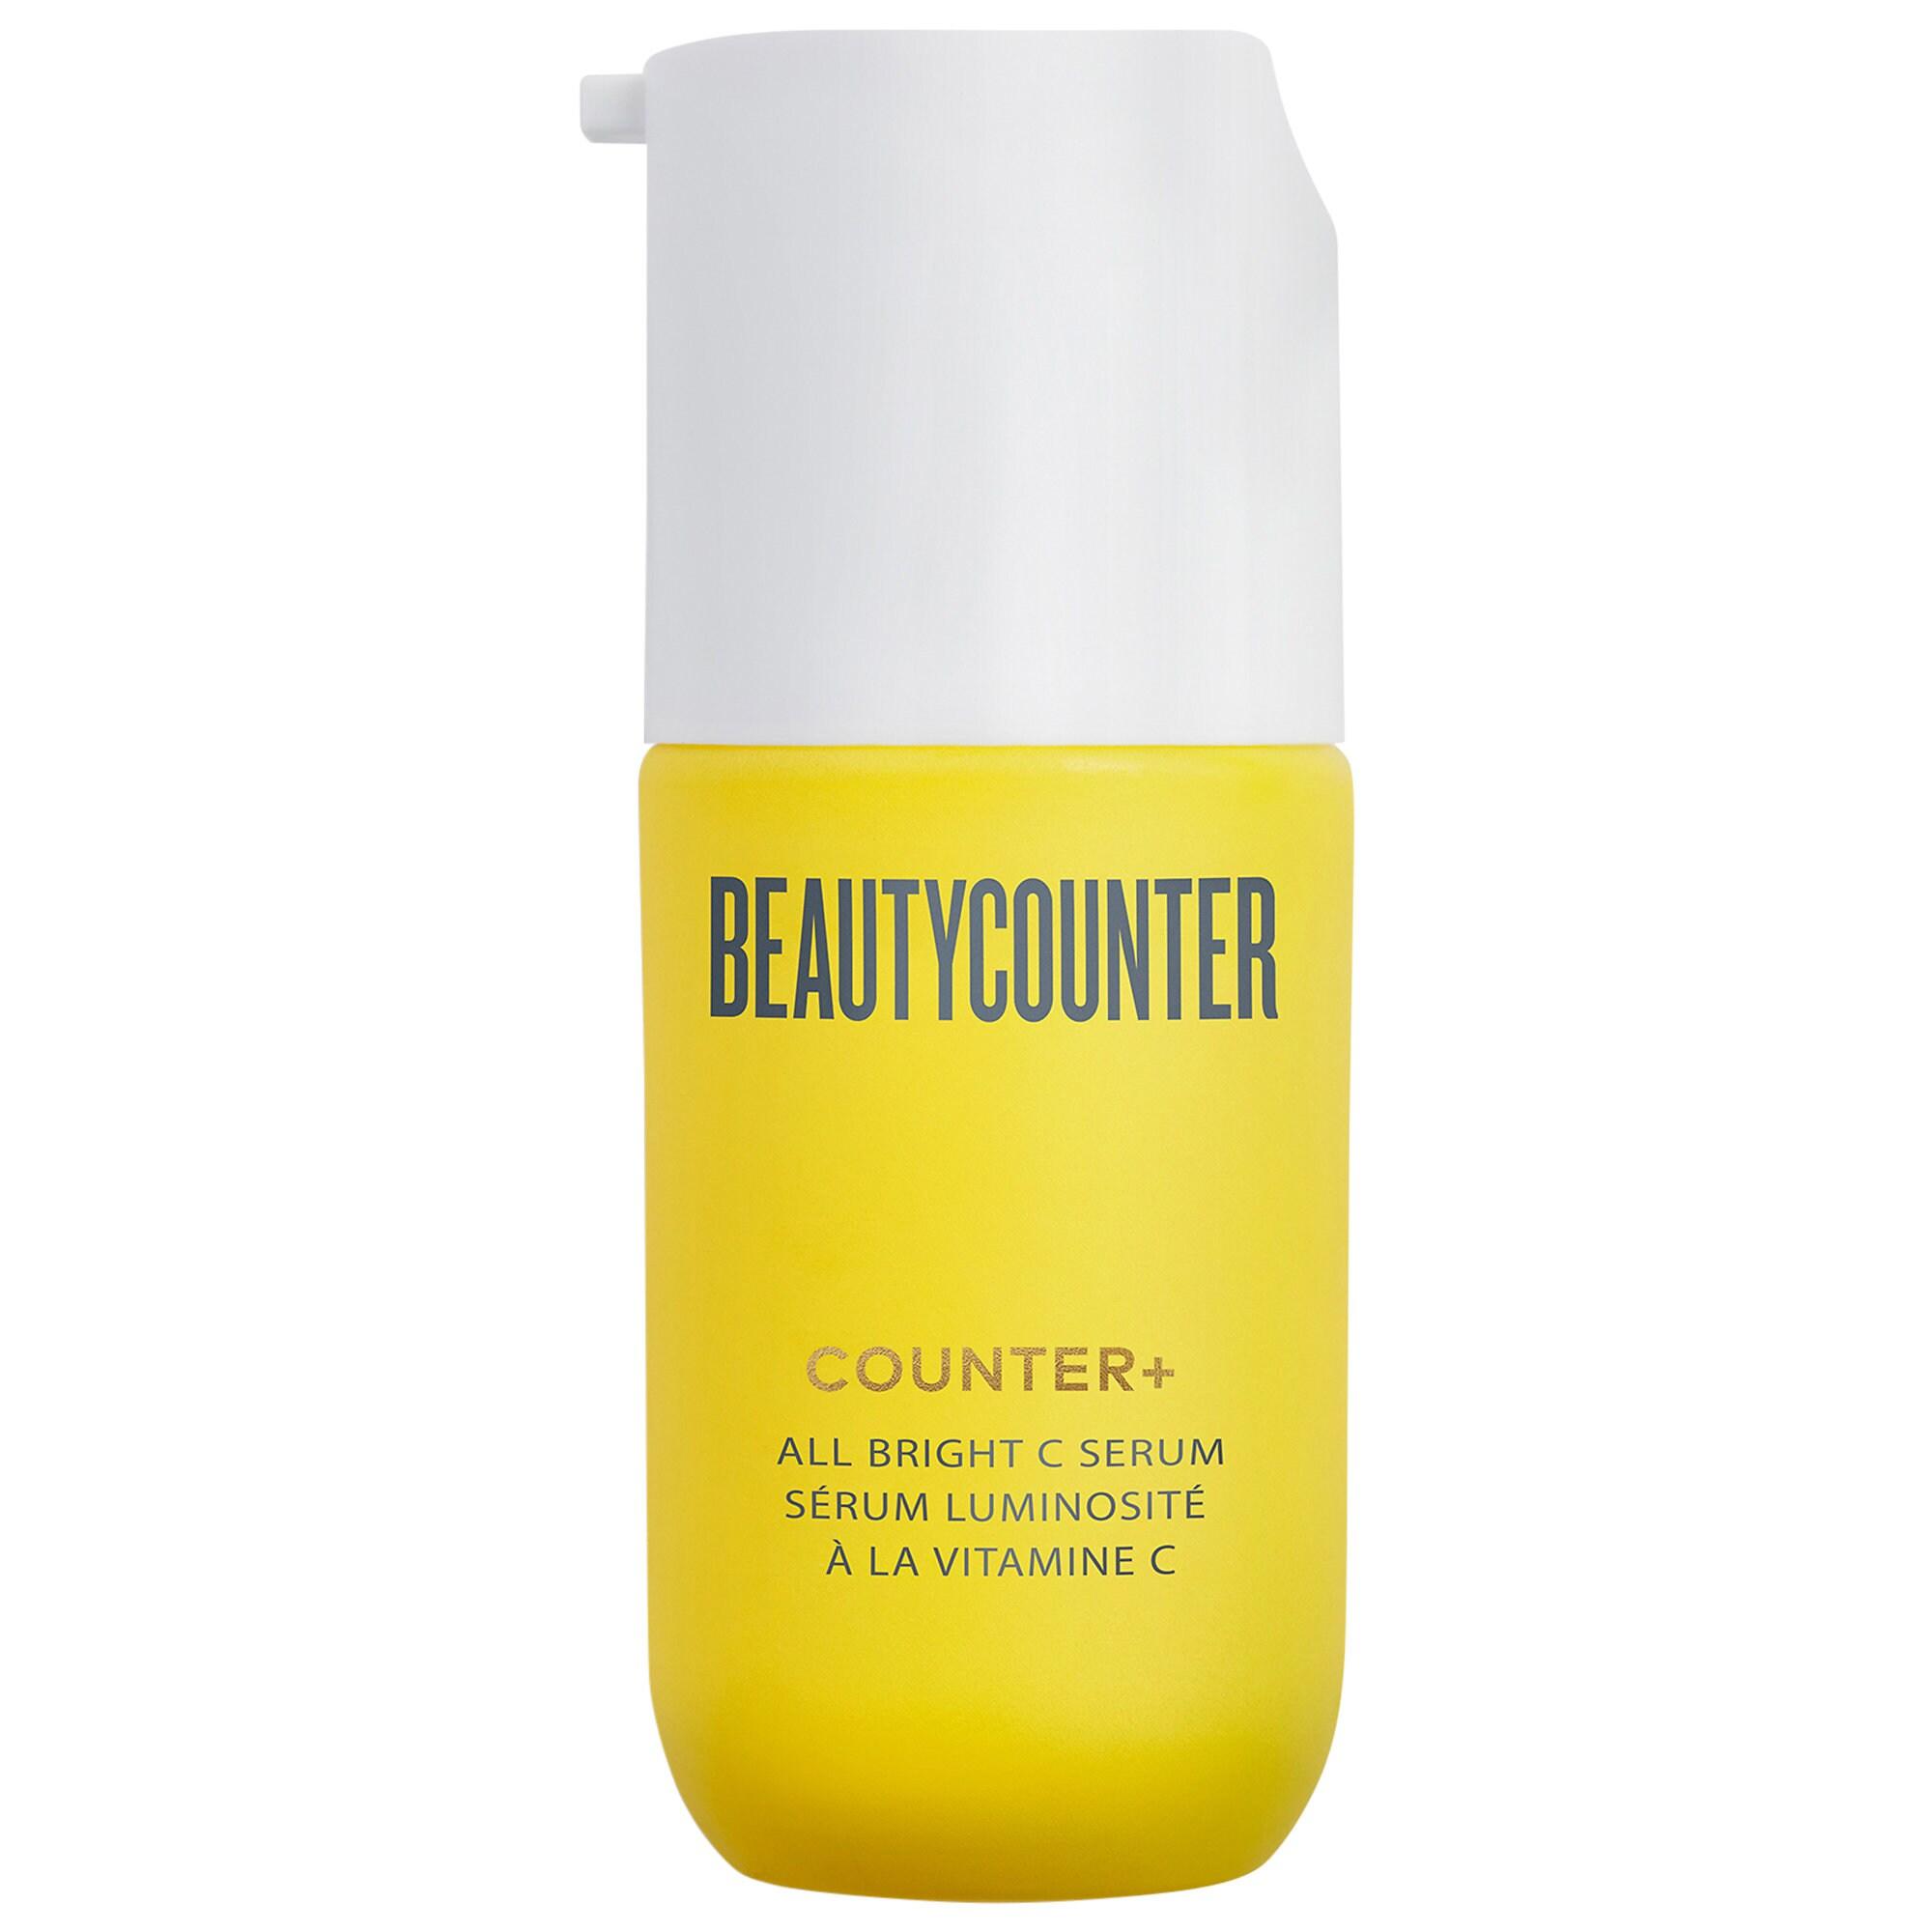 BeautyCounter - Counter+ All Bright C Serum